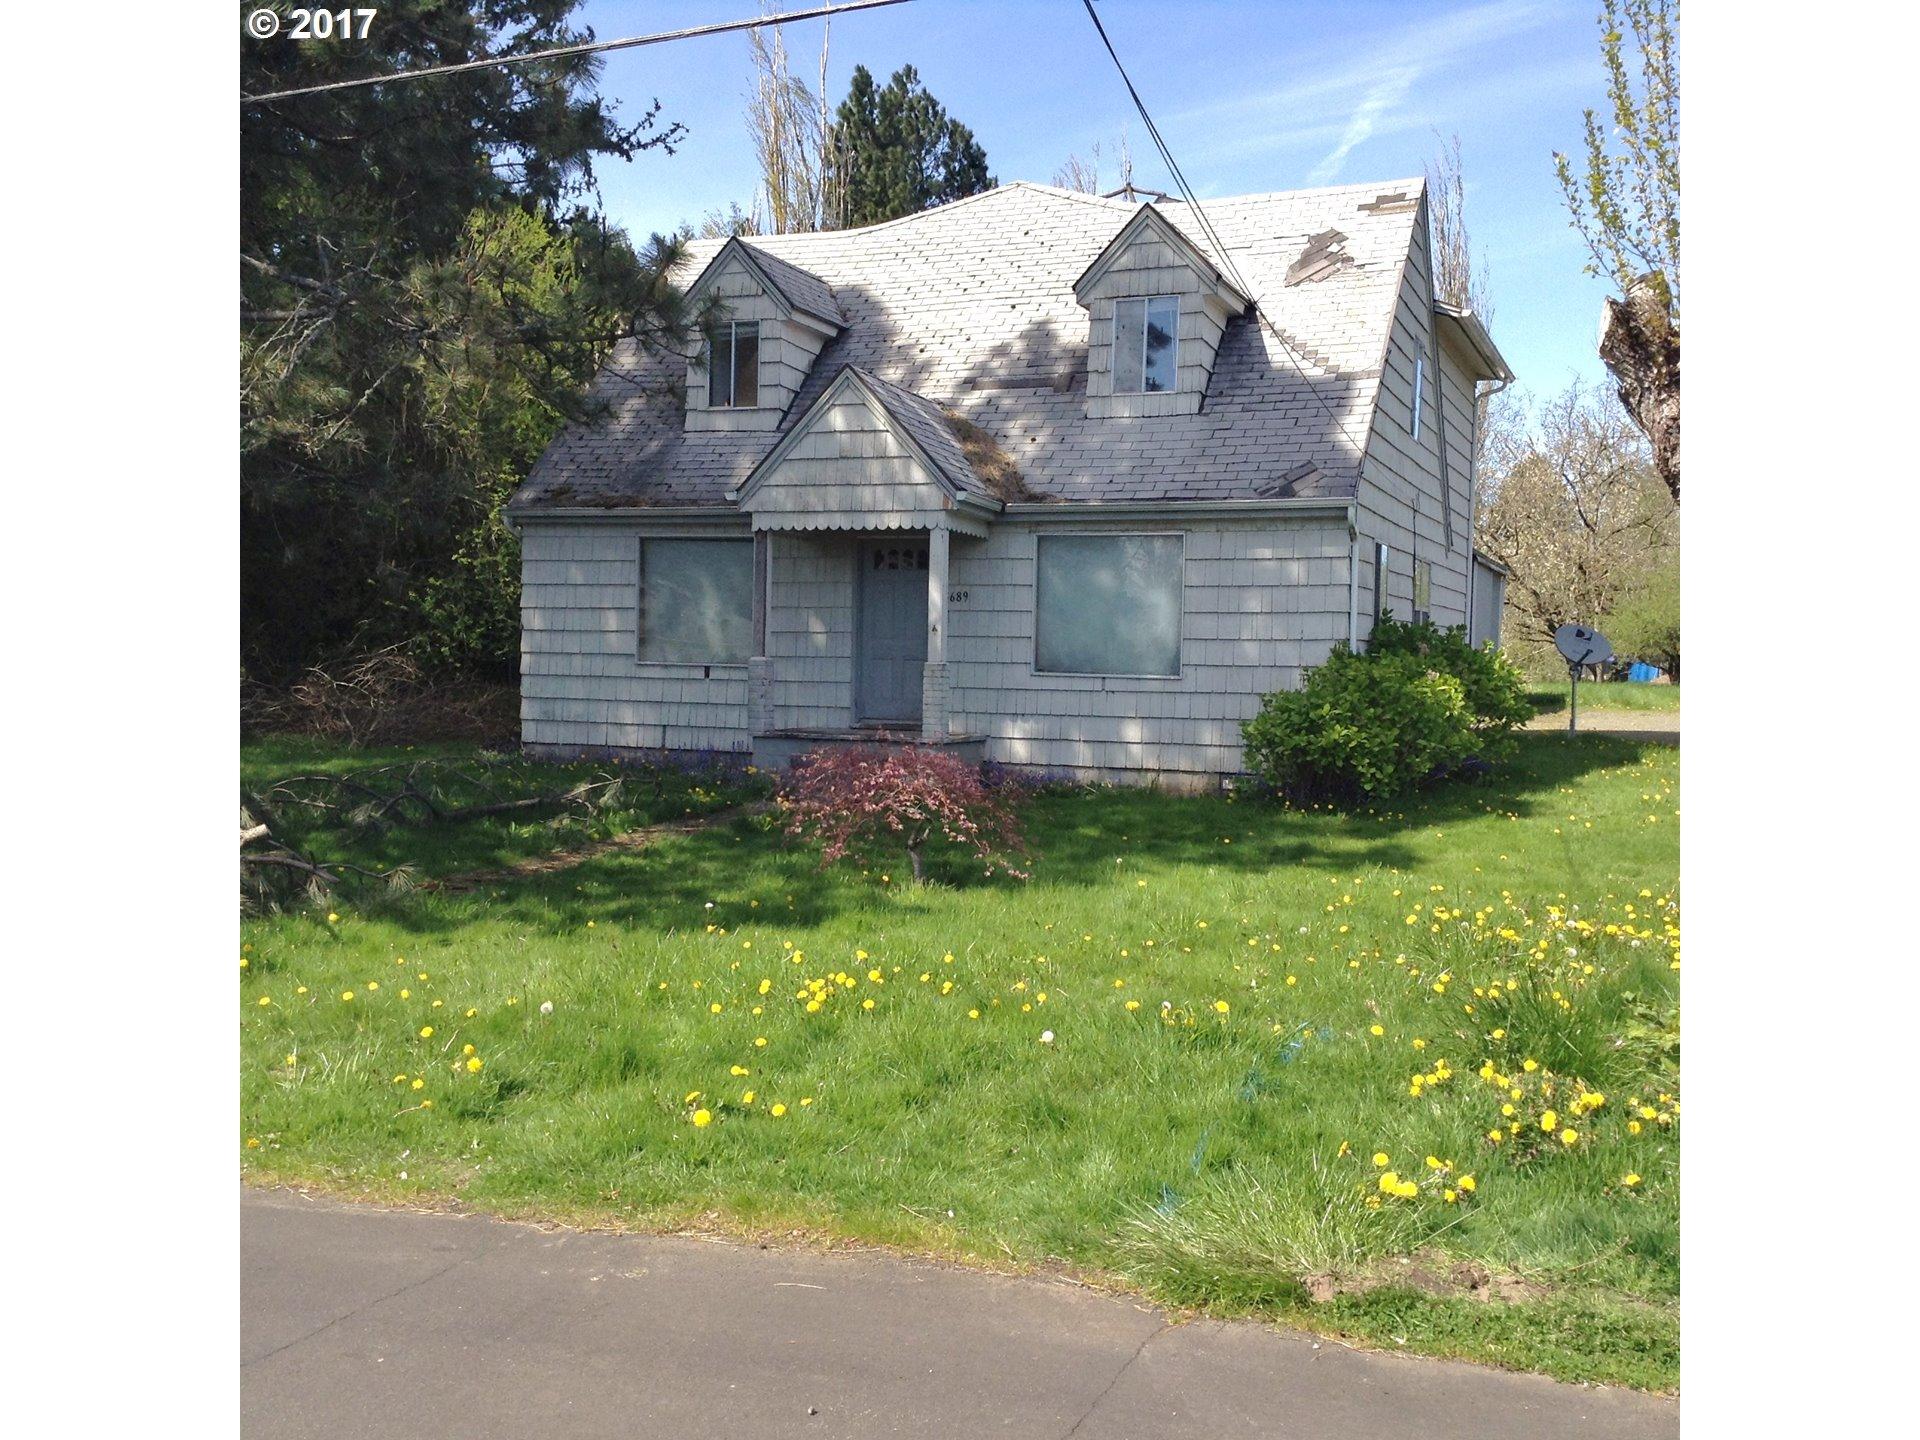 3689 SE 14TH ST, Gresham, OR 97080